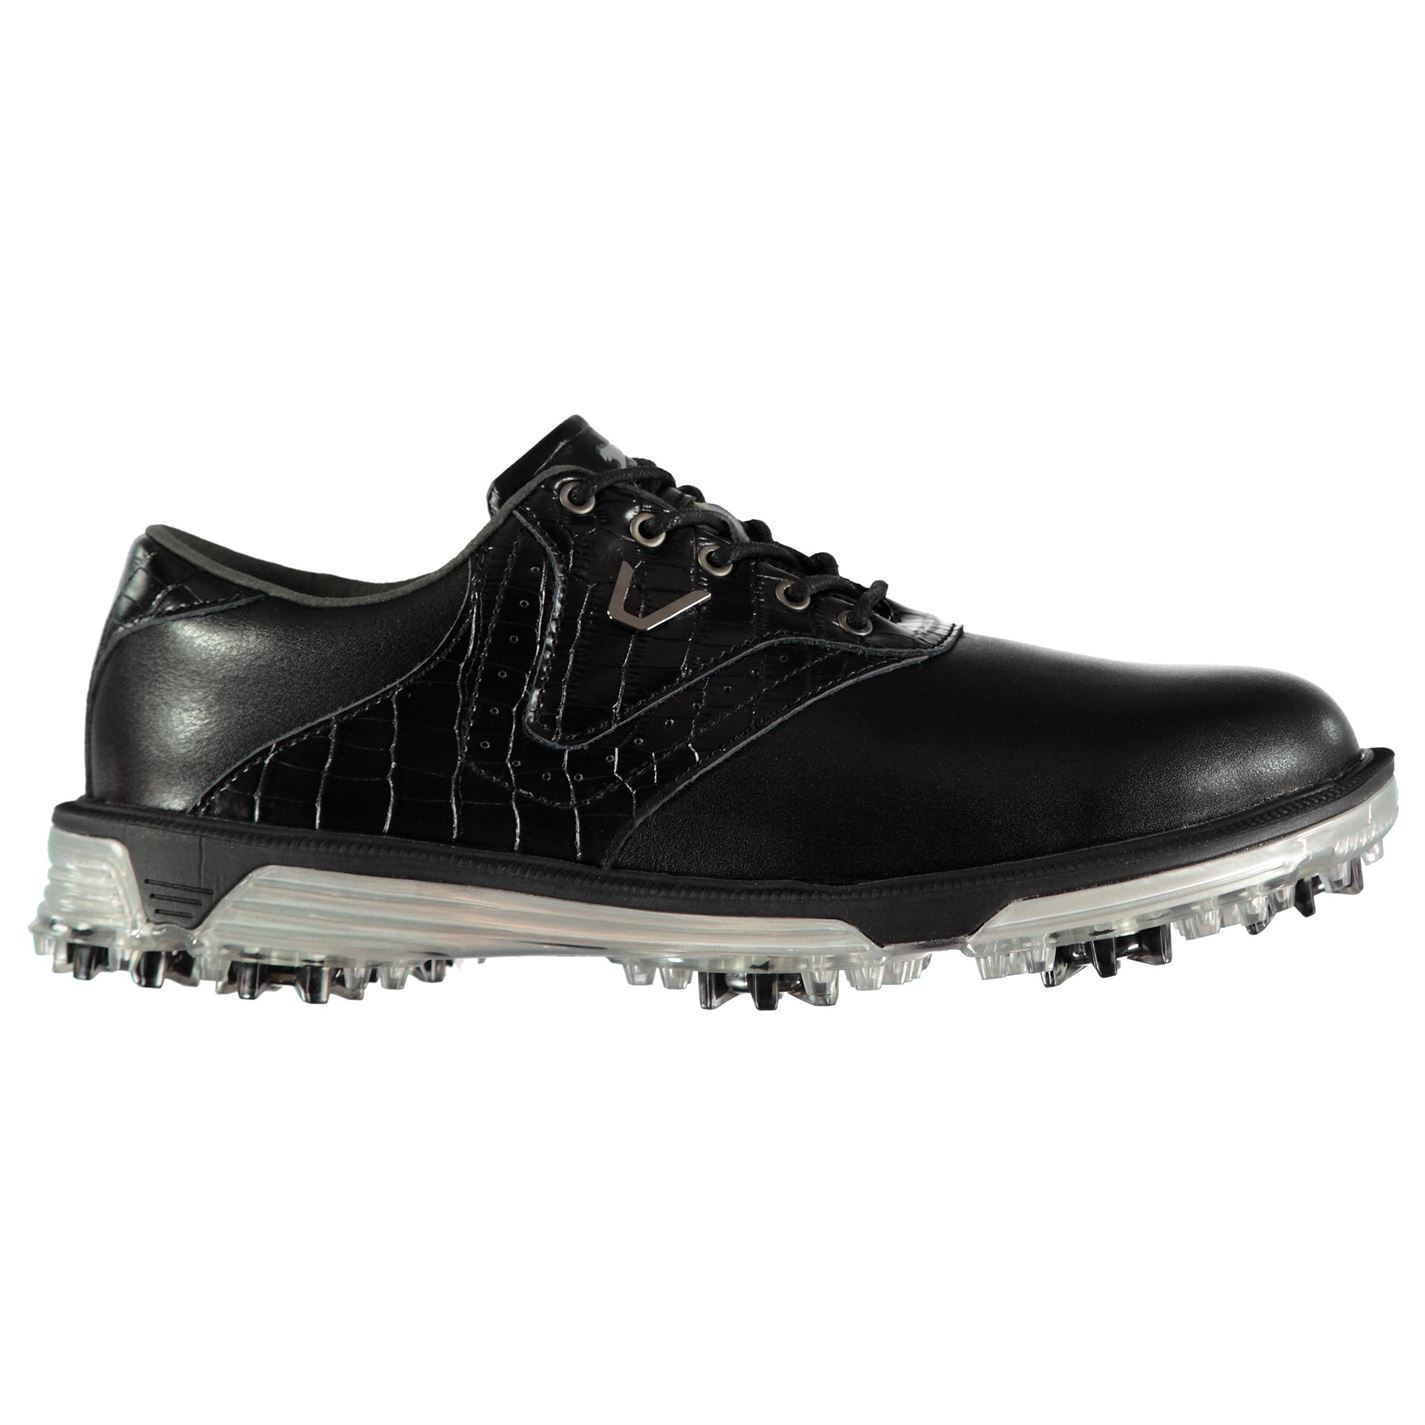 Slazenger-V500-Golf-Shoes-Mens-Spikes-Footwear thumbnail 9